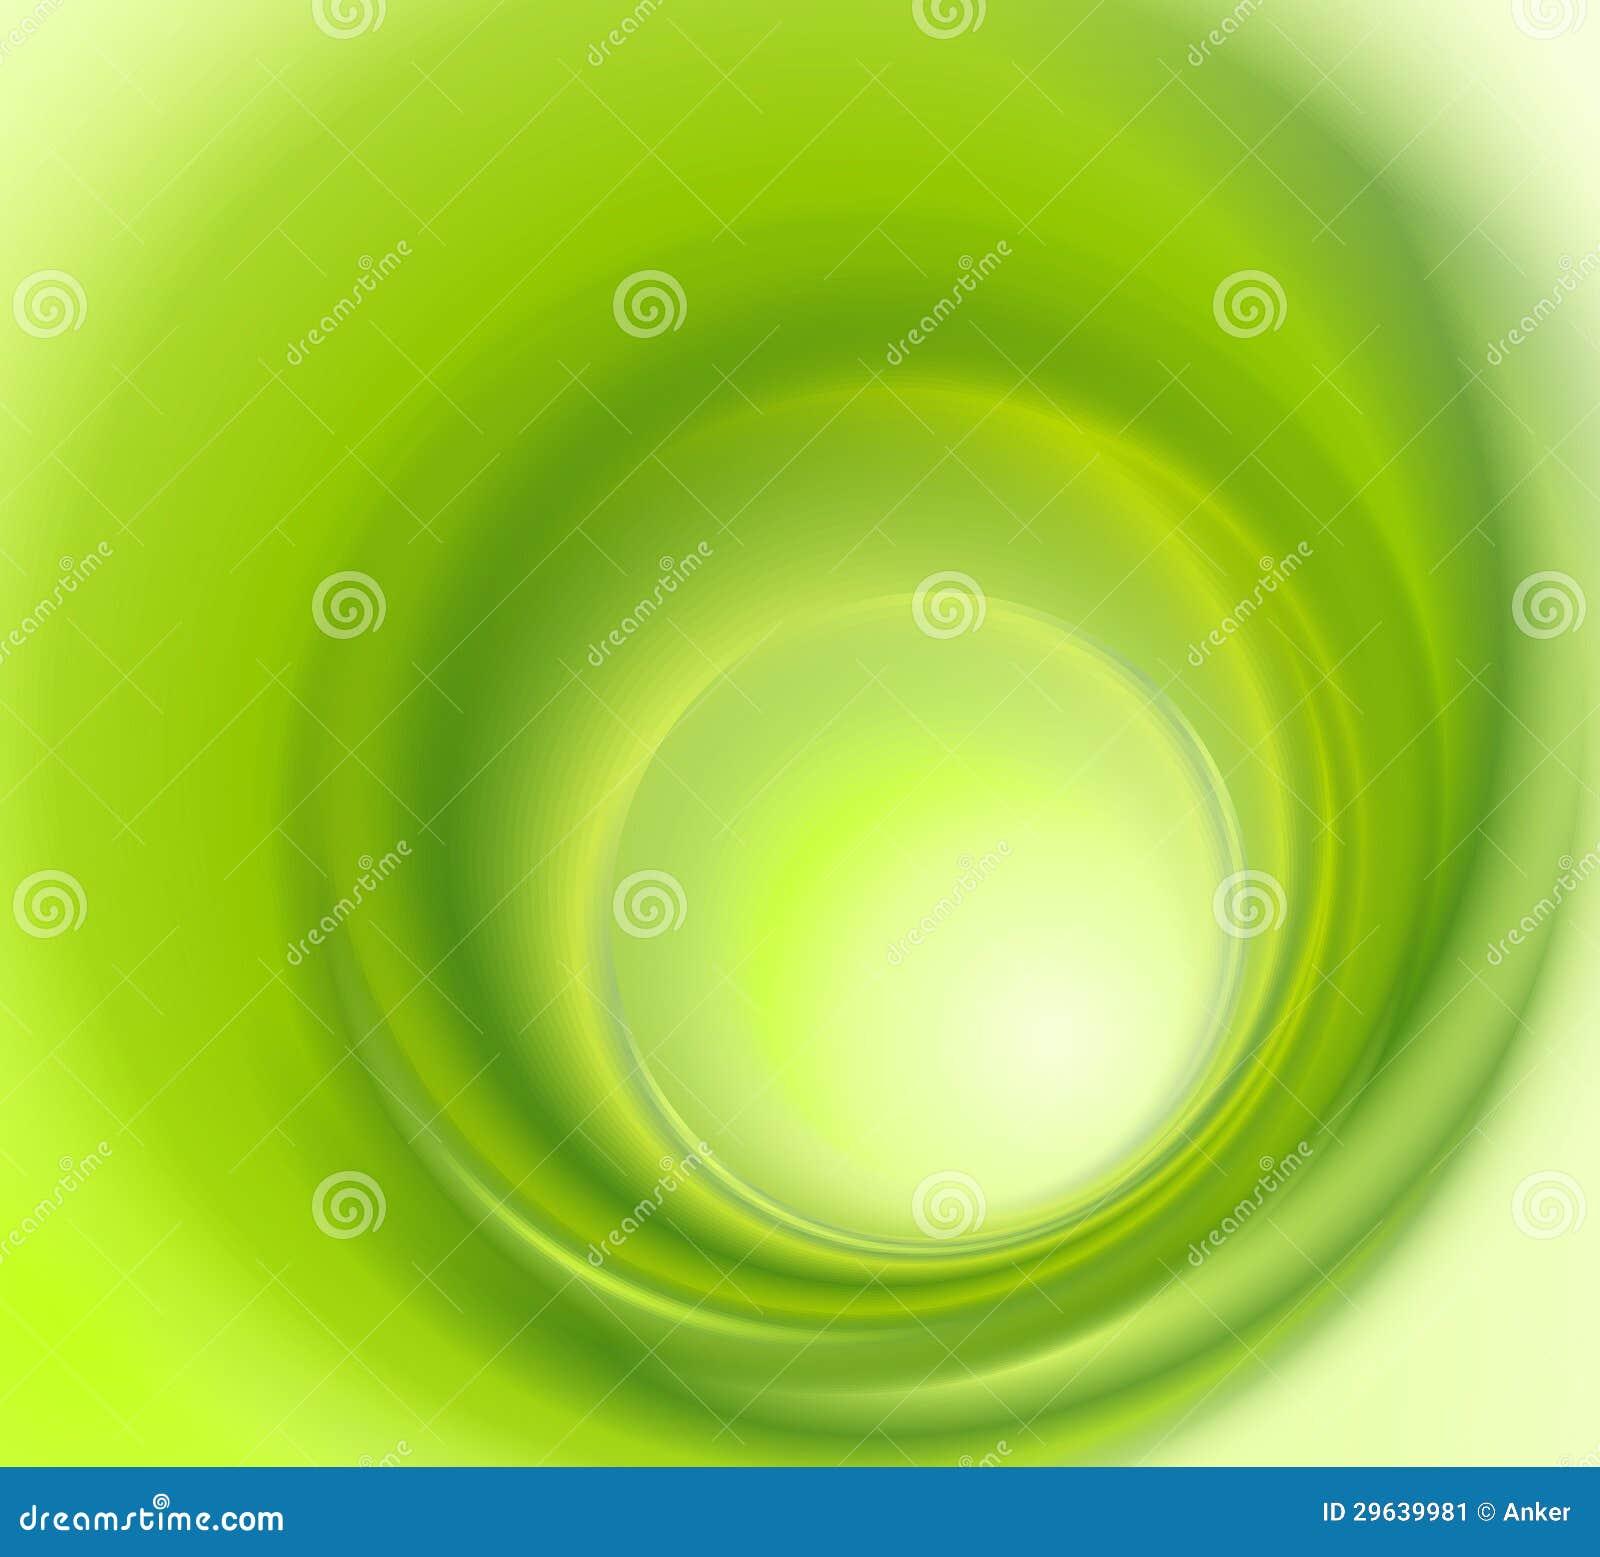 fond rond vert abstrait image stock image 29639981. Black Bedroom Furniture Sets. Home Design Ideas